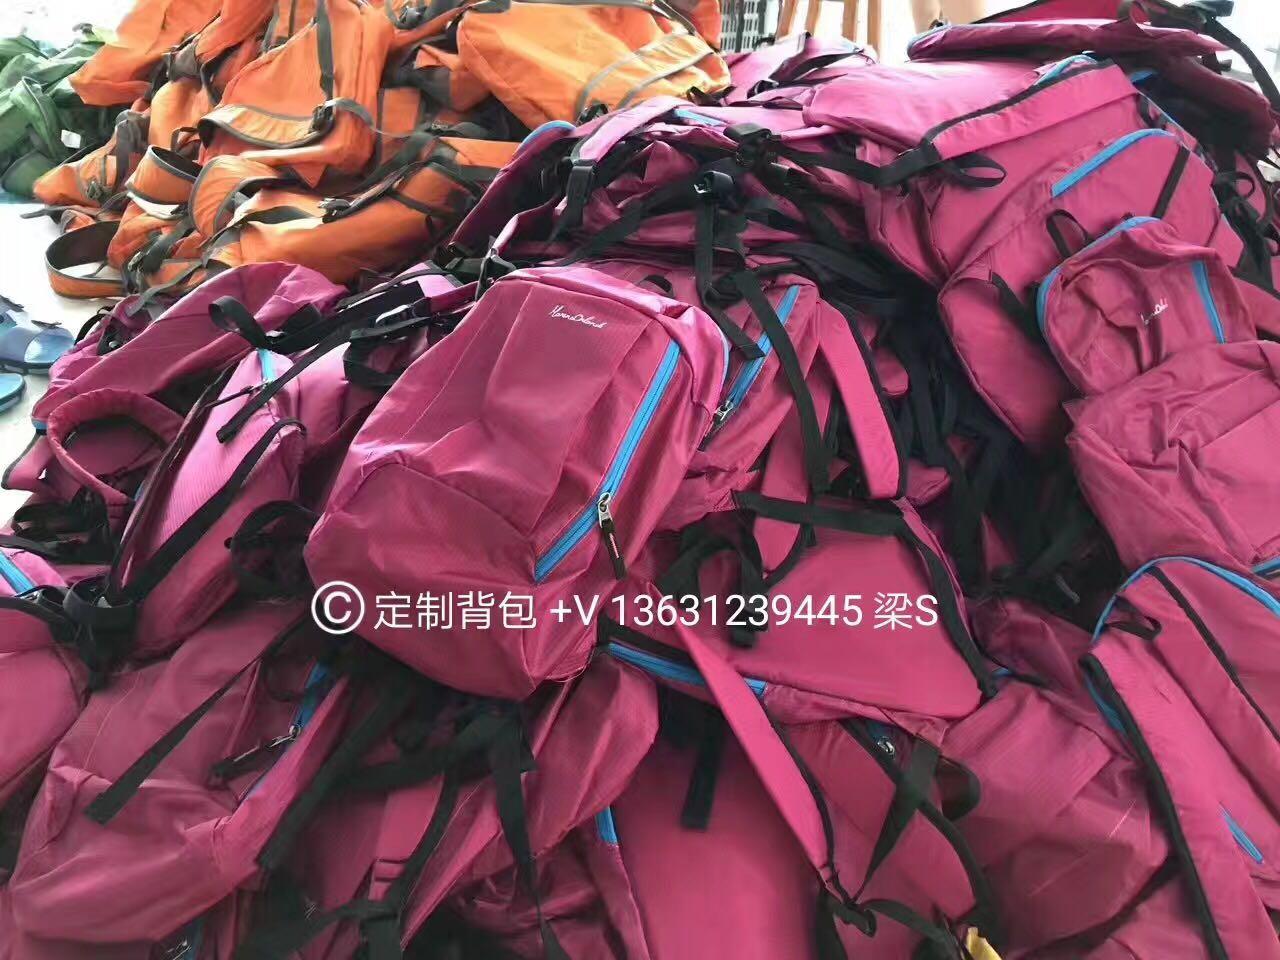 户外背包工厂招募跨境卖家合作